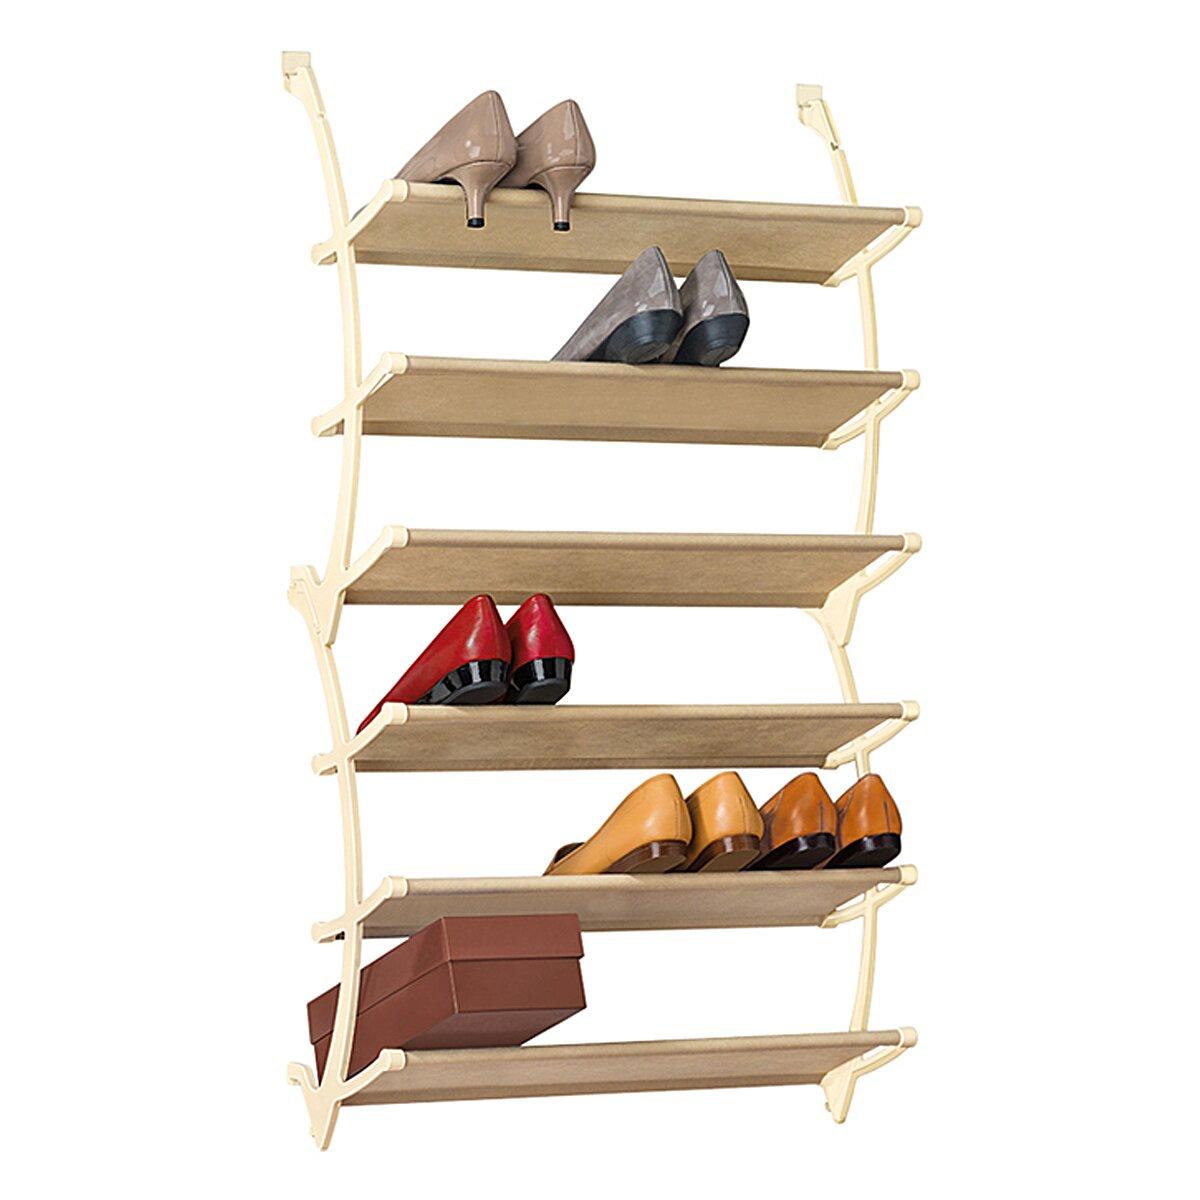 Lynk Vela 6-Tier Over Door Shoe Shelves & Reviews | Wayfair